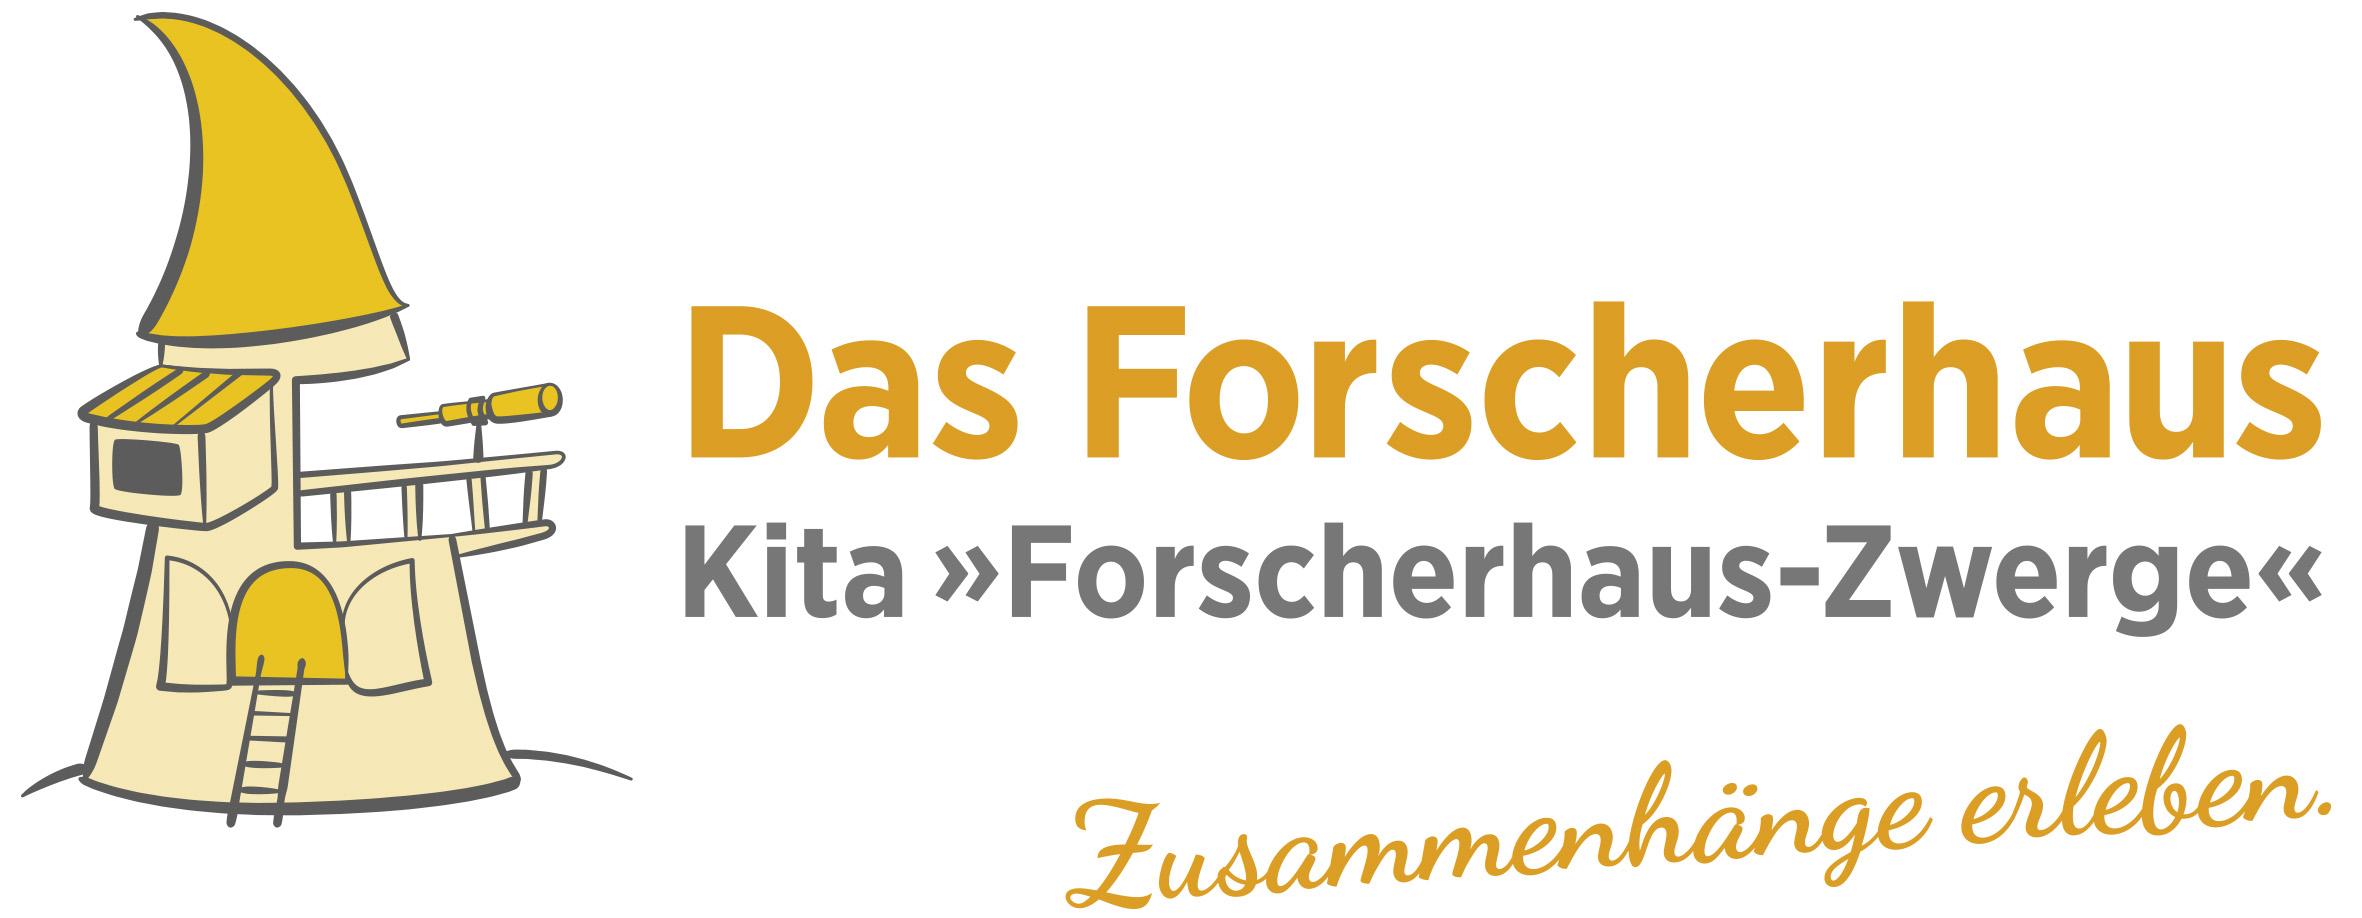 Forscherhaus - Zwerge